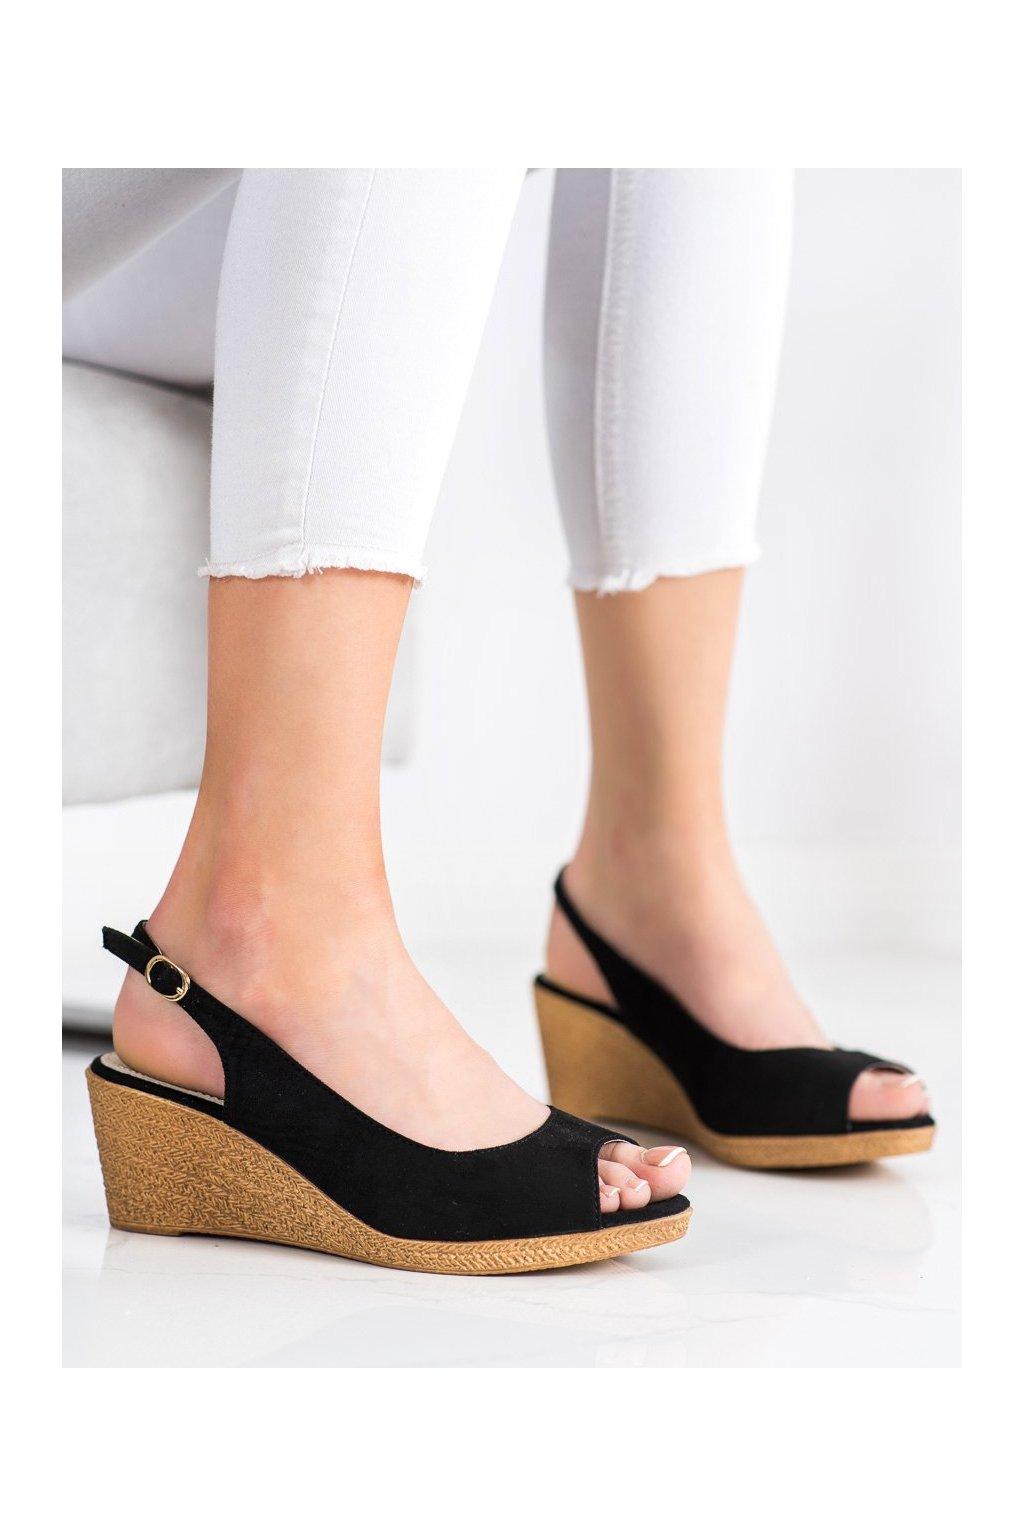 Čierne sandále na platforme Goodin kod GD-FL653B